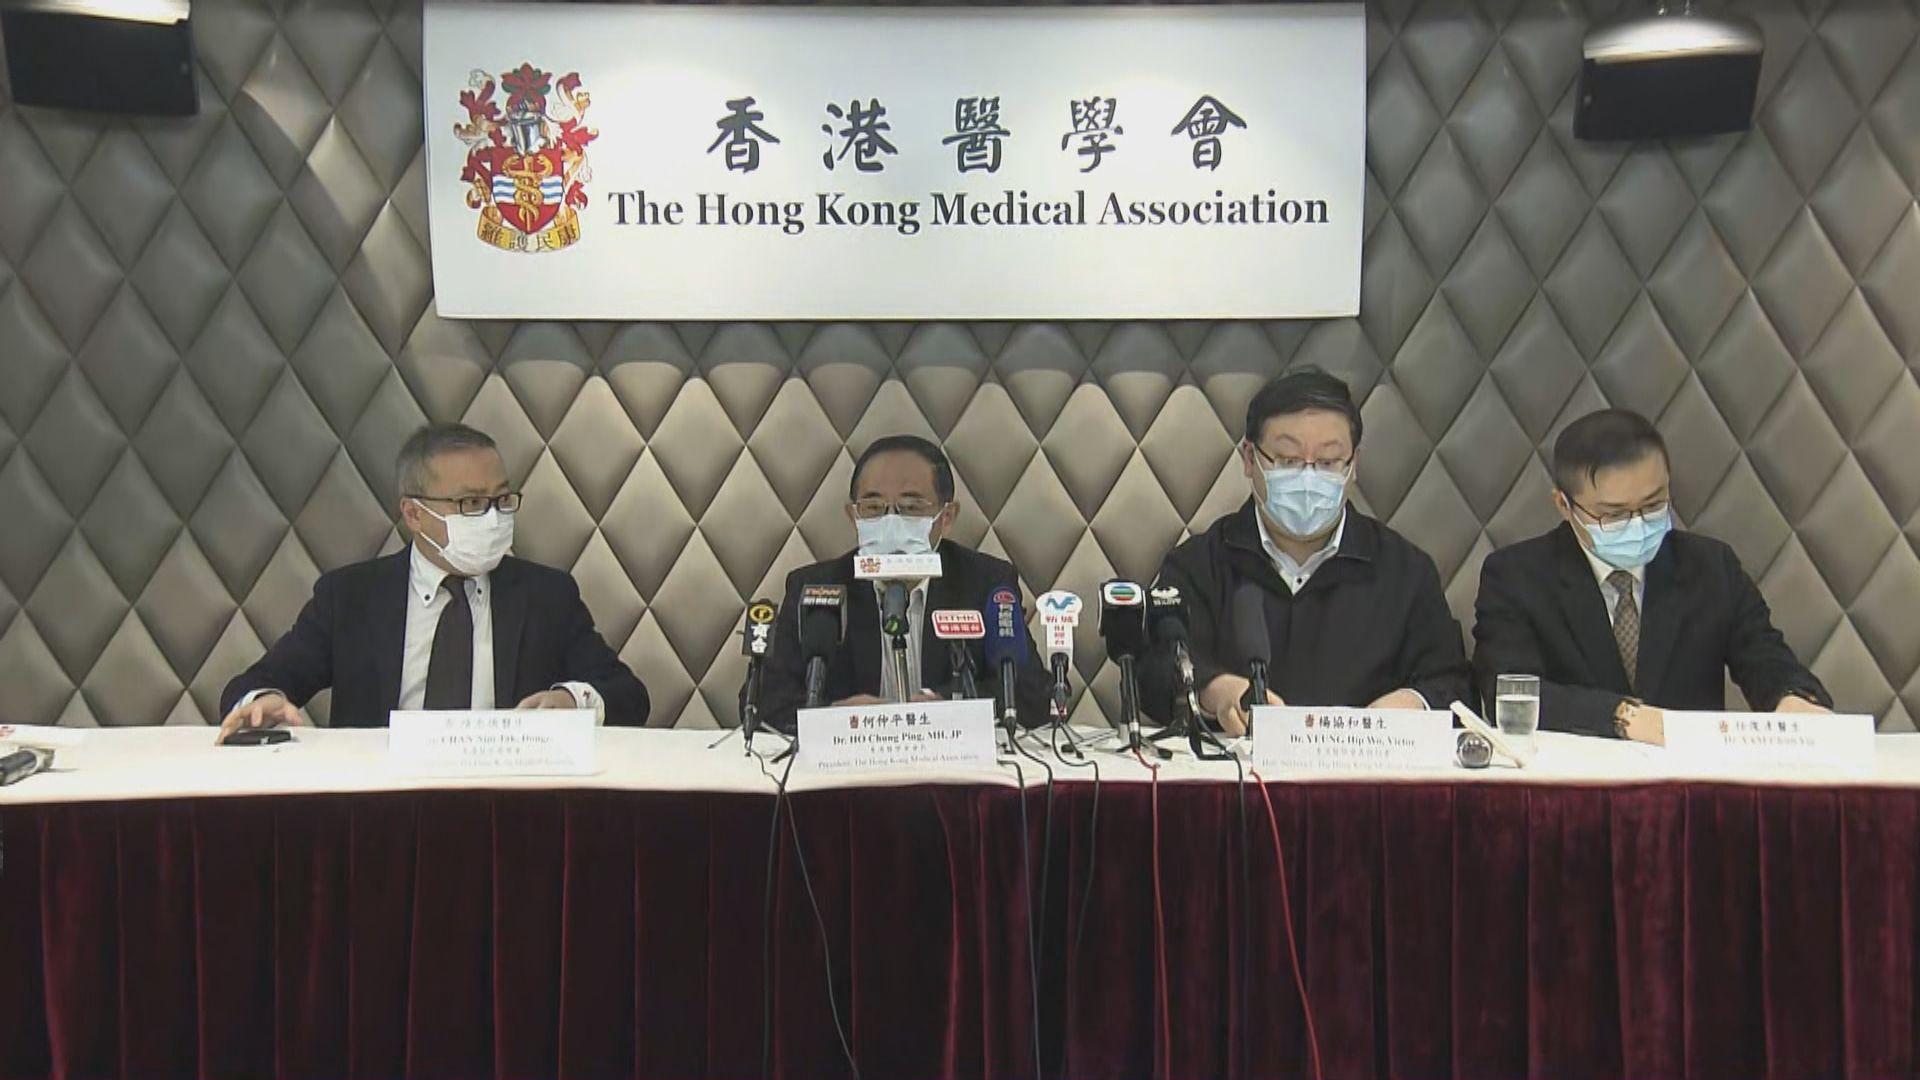 醫學會憂慮更多私家醫生因口罩不足停診